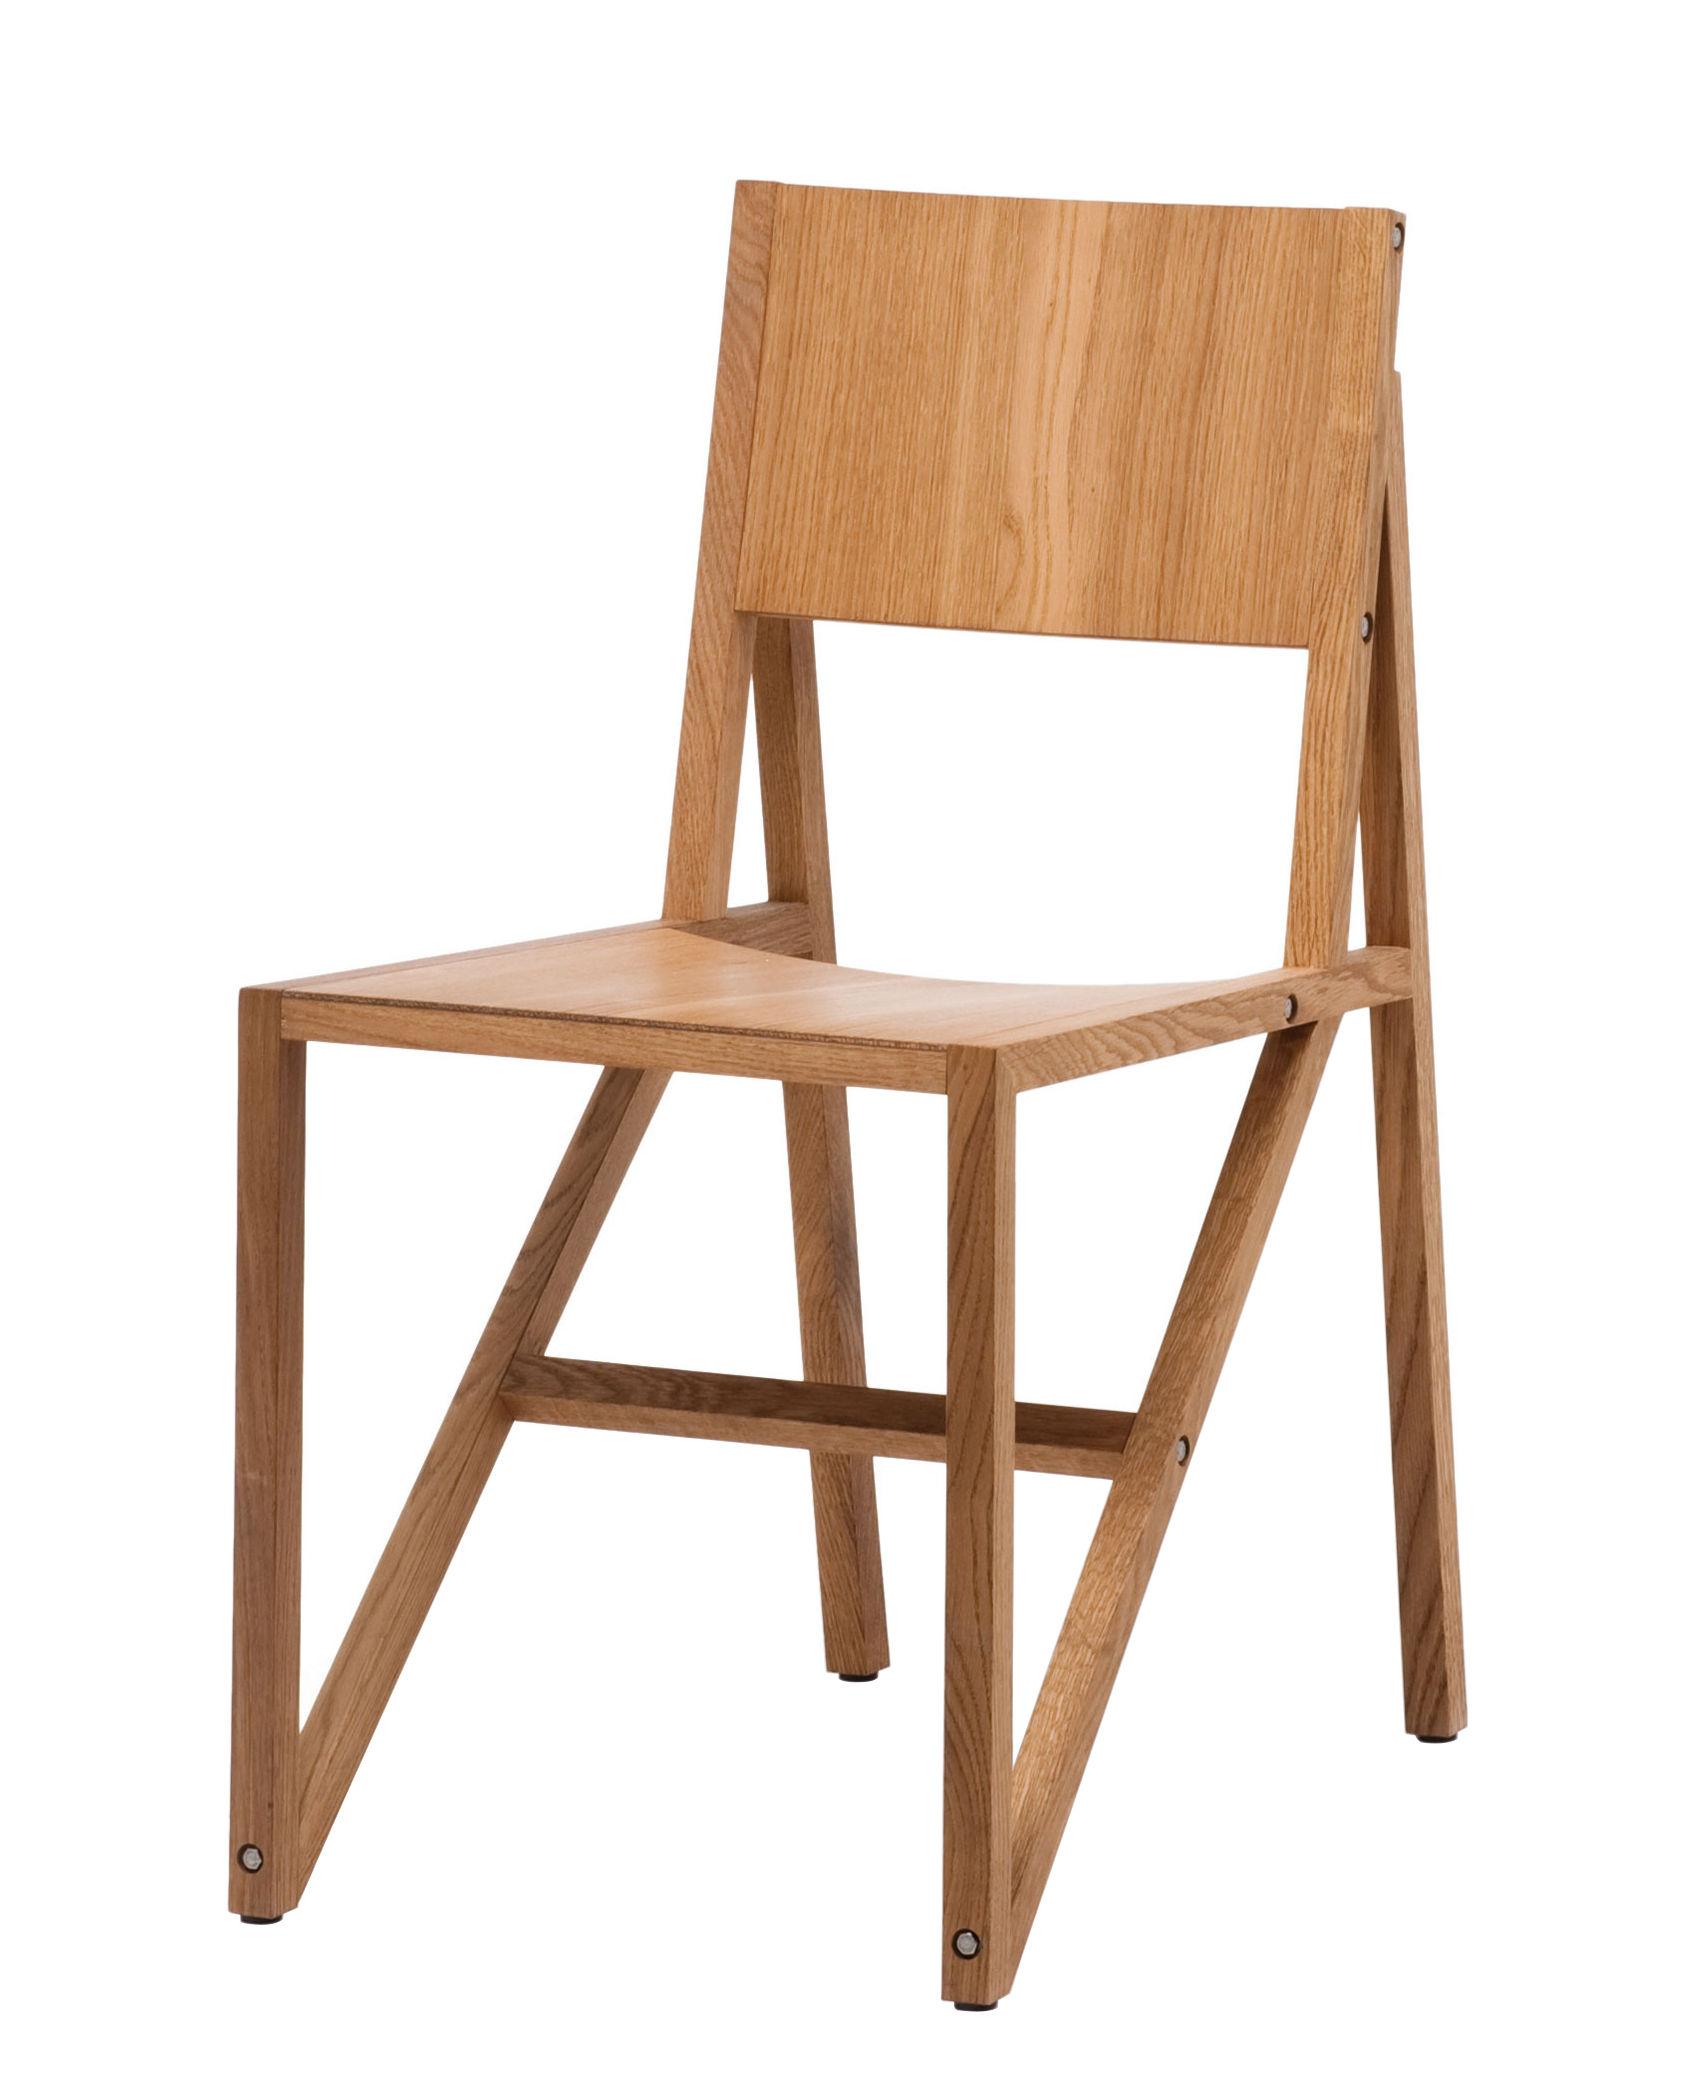 Mobilier - Chaises, fauteuils de salle à manger - Chaise Frame / Chêne - Established & Sons - Chêne naturel - Chêne massif huilé